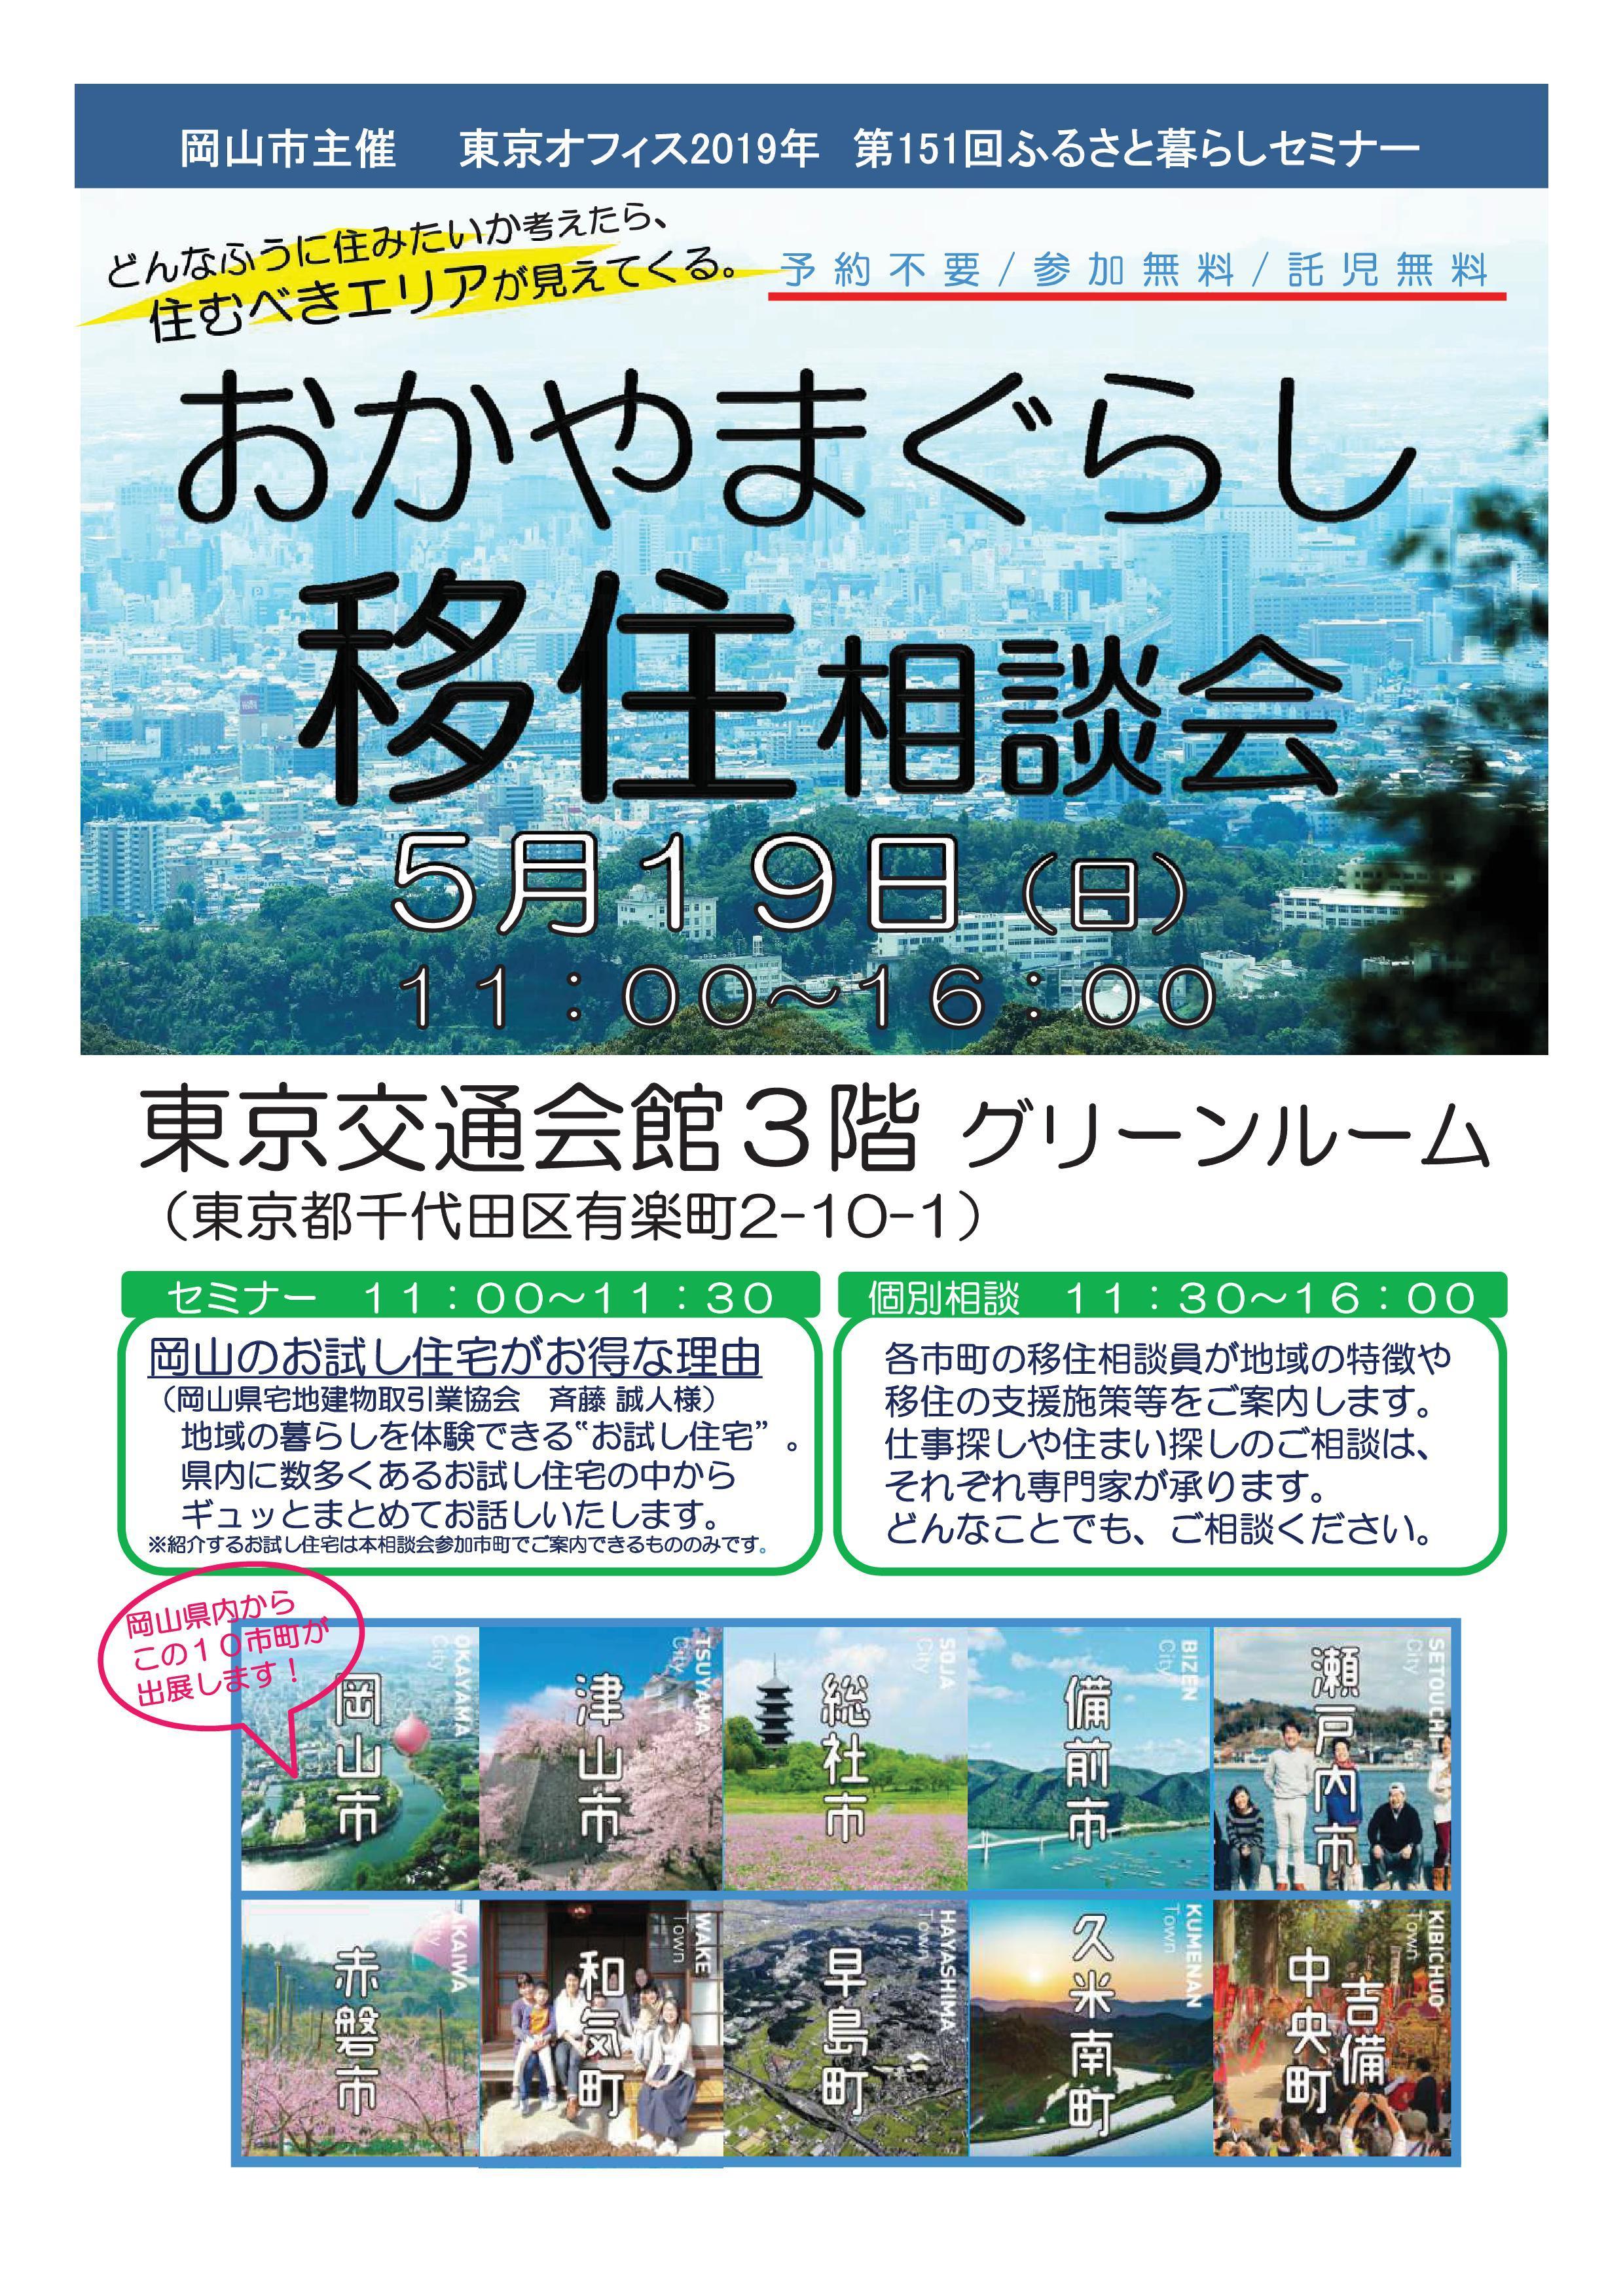 2019年5月19日(日)開催 おかやまぐらし移住相談会に津山市も参加します